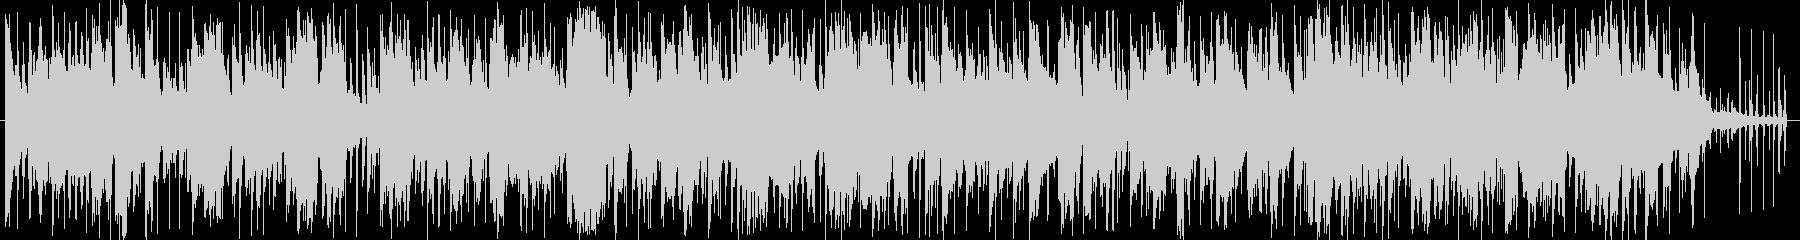 イージーリスニングジャズの未再生の波形